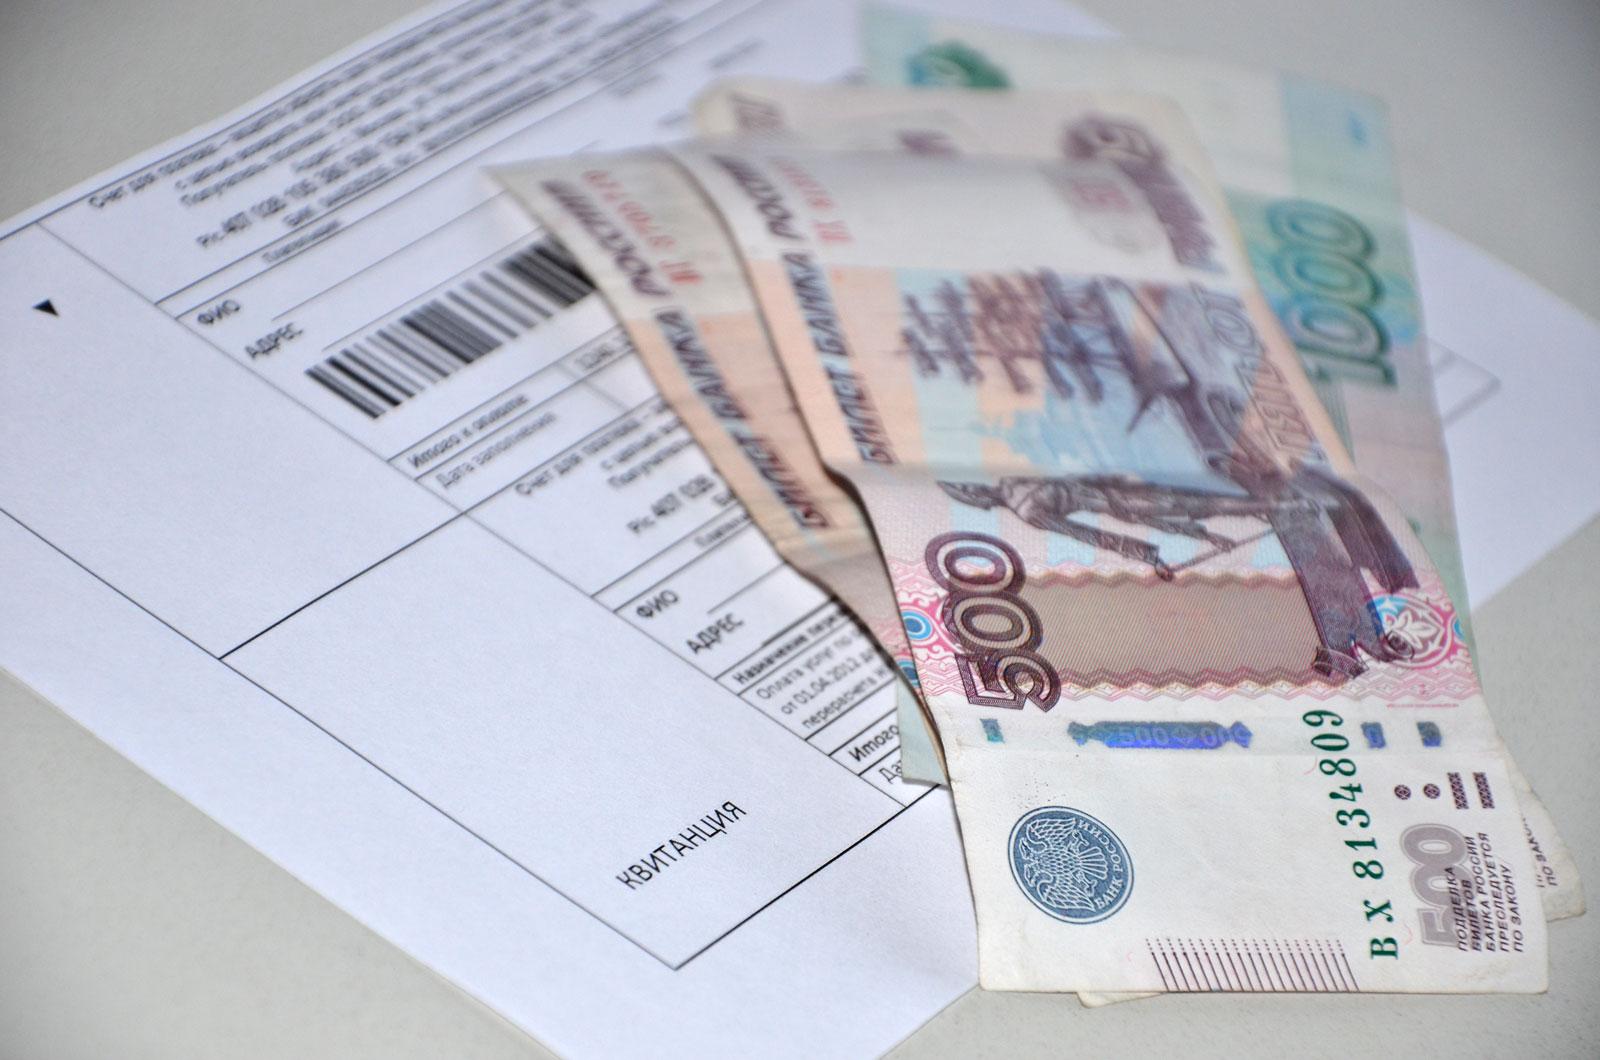 Центр общественного контроля запустил «горячую линию» по платежкам ЖКХ.